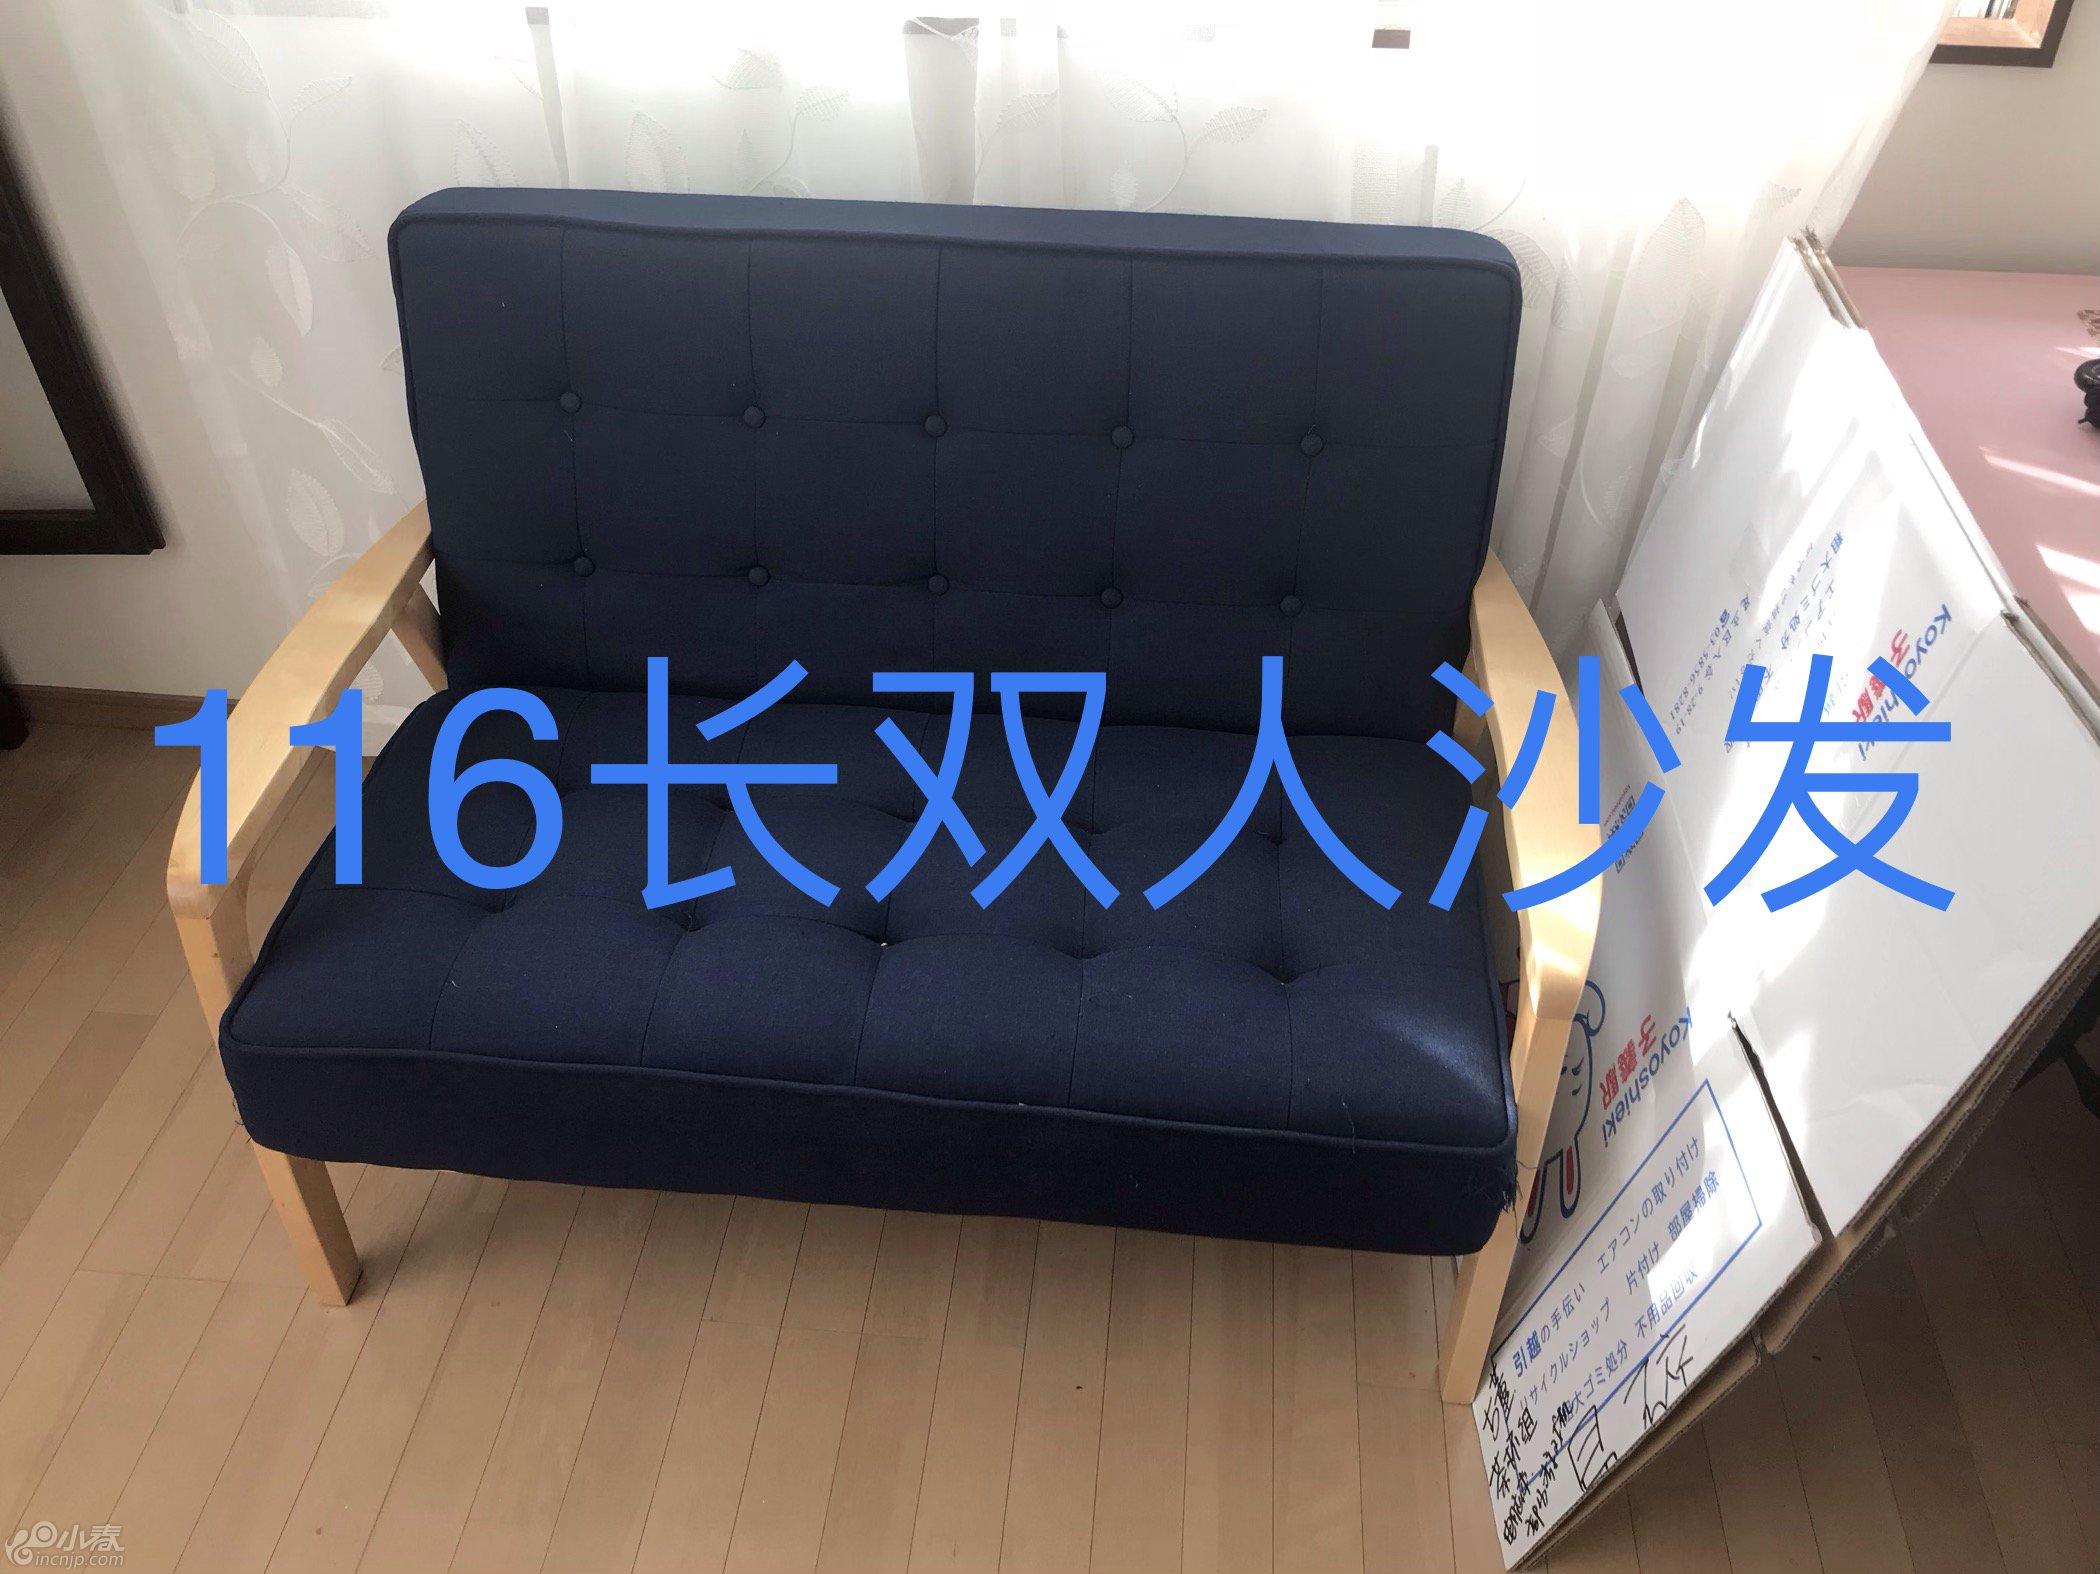 34329798-C165-4E0D-B604-F85649D36C5B.jpeg